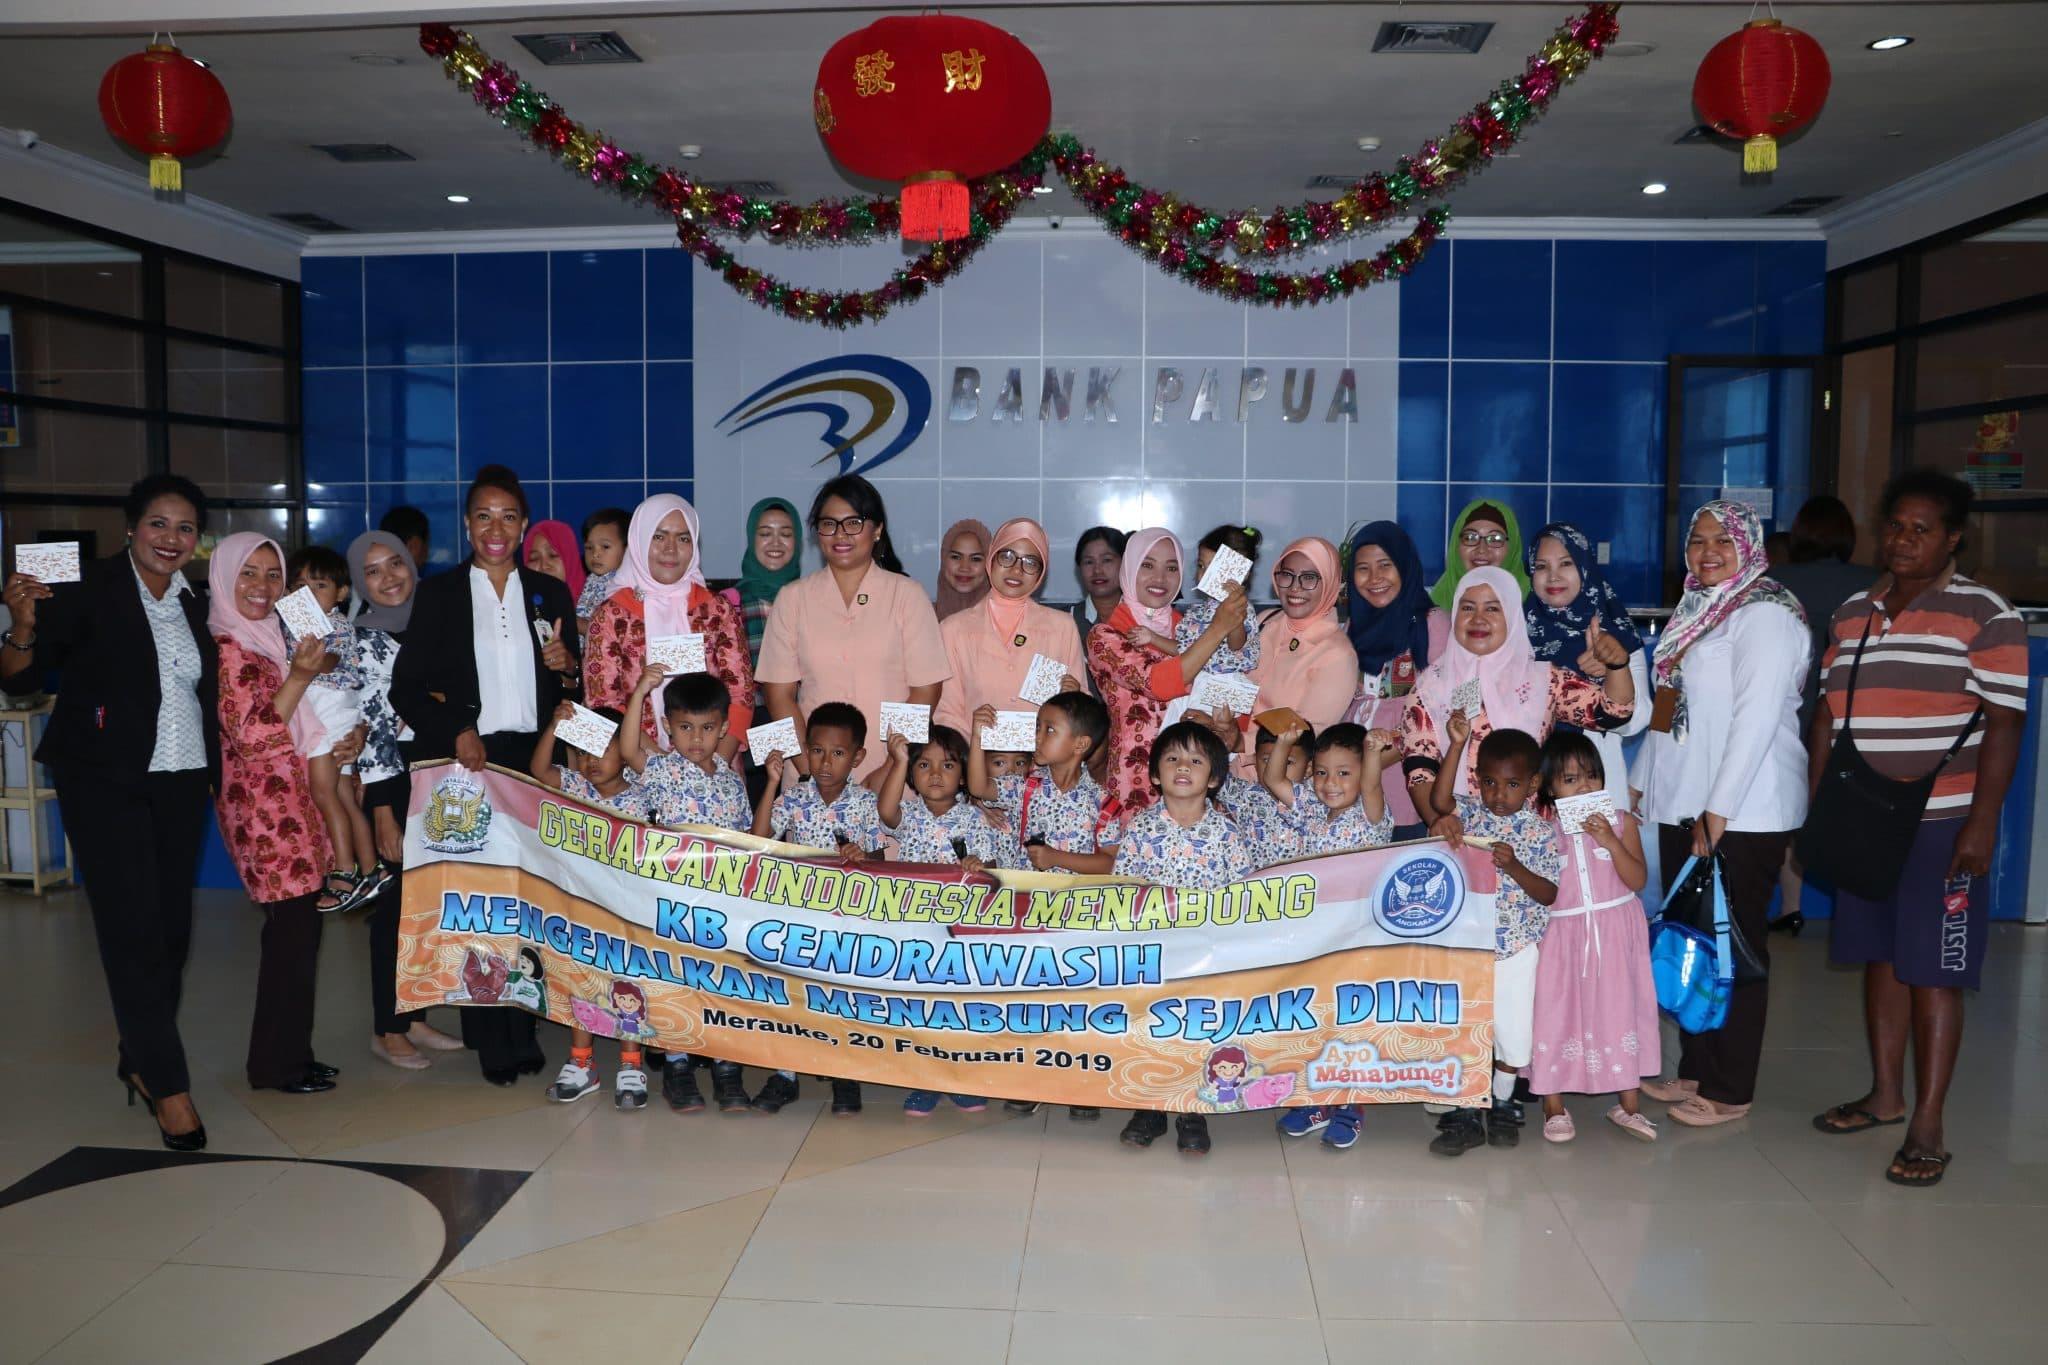 Gerakan Indonesia Menabung Sekolah Paud KB Cendrawasih Lanud J.A.Dimara